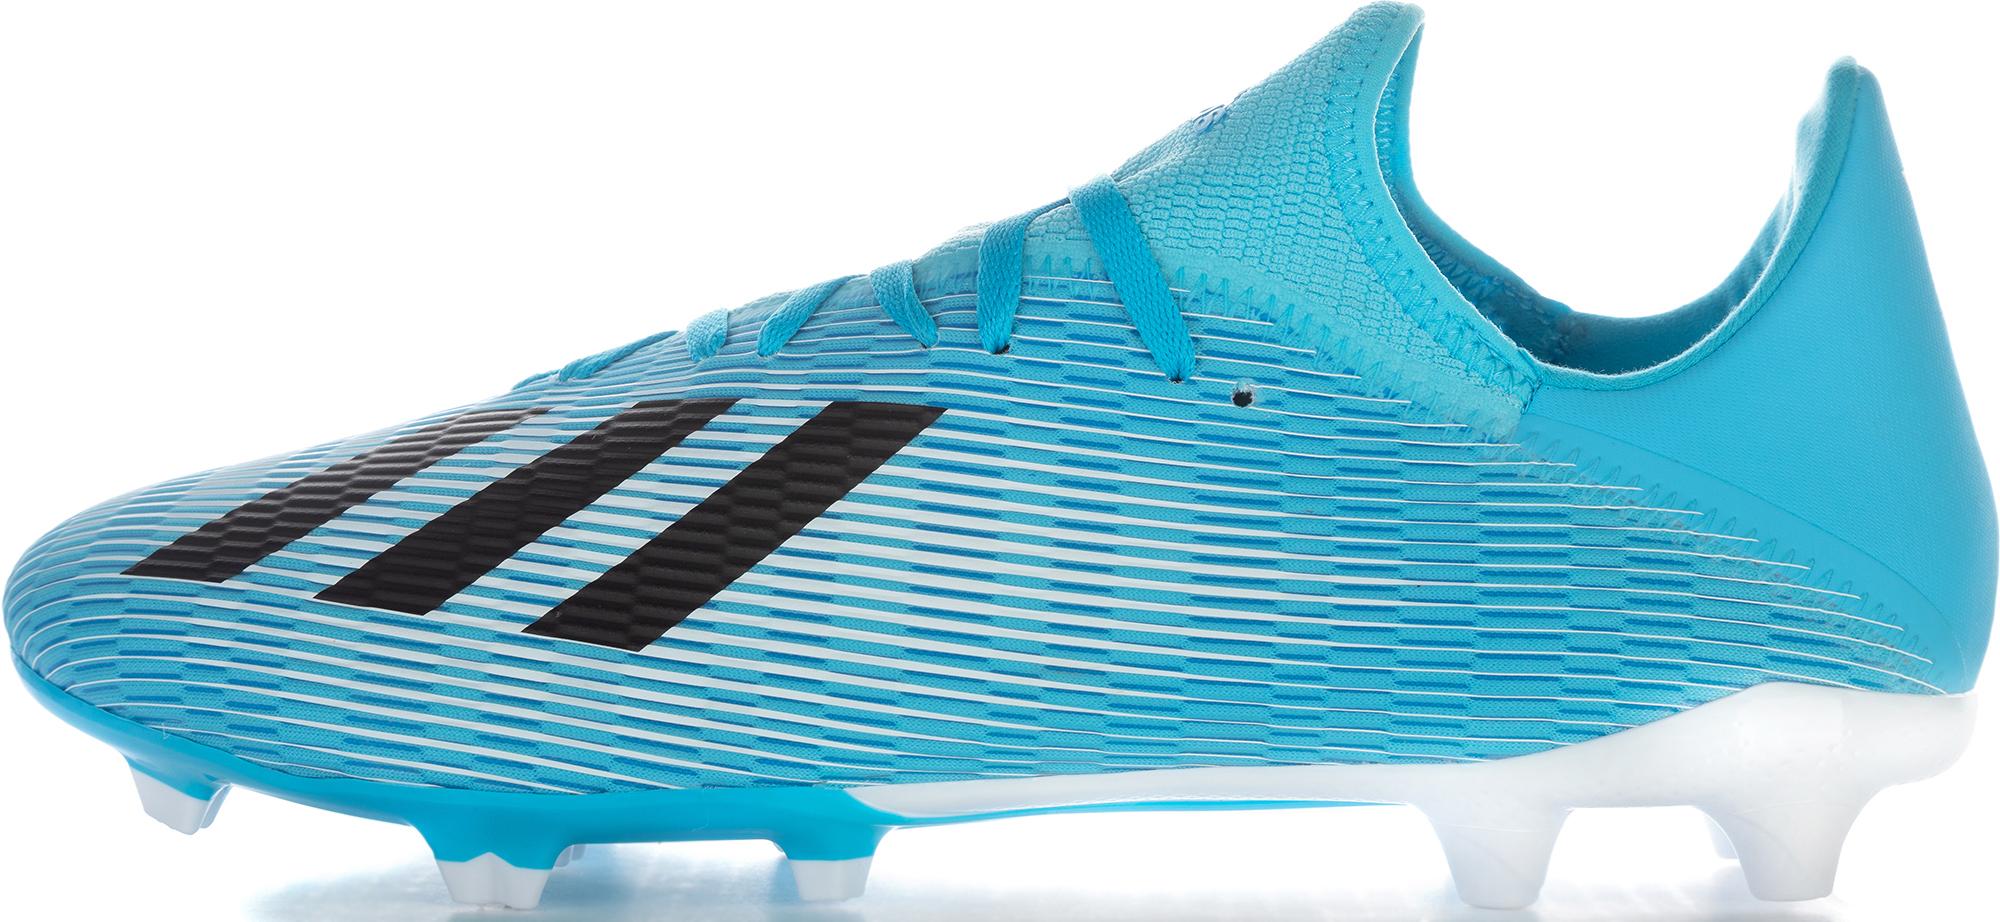 Adidas Бутсы мужские X 19.3 FG, размер 44,5